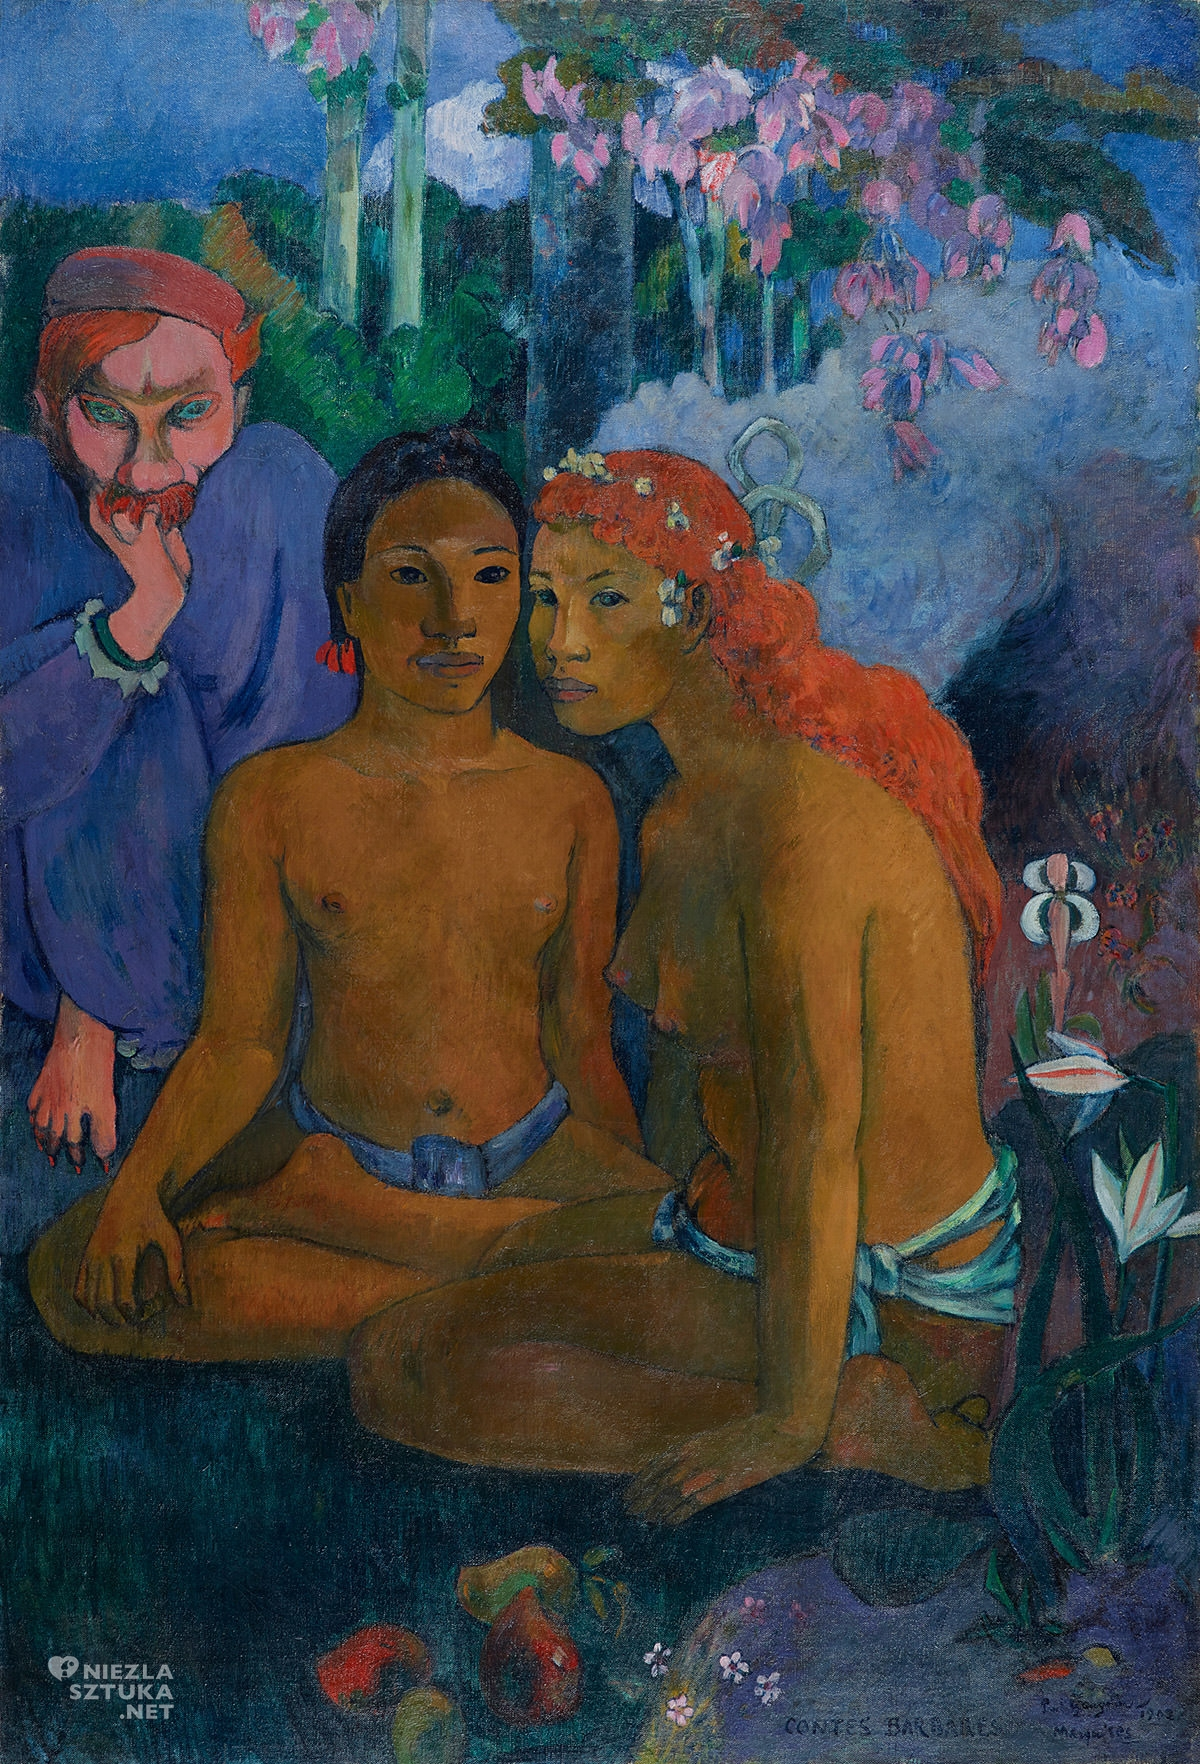 Paul Gauguin, Contes barbares, Tahiti, Niezła sztuka